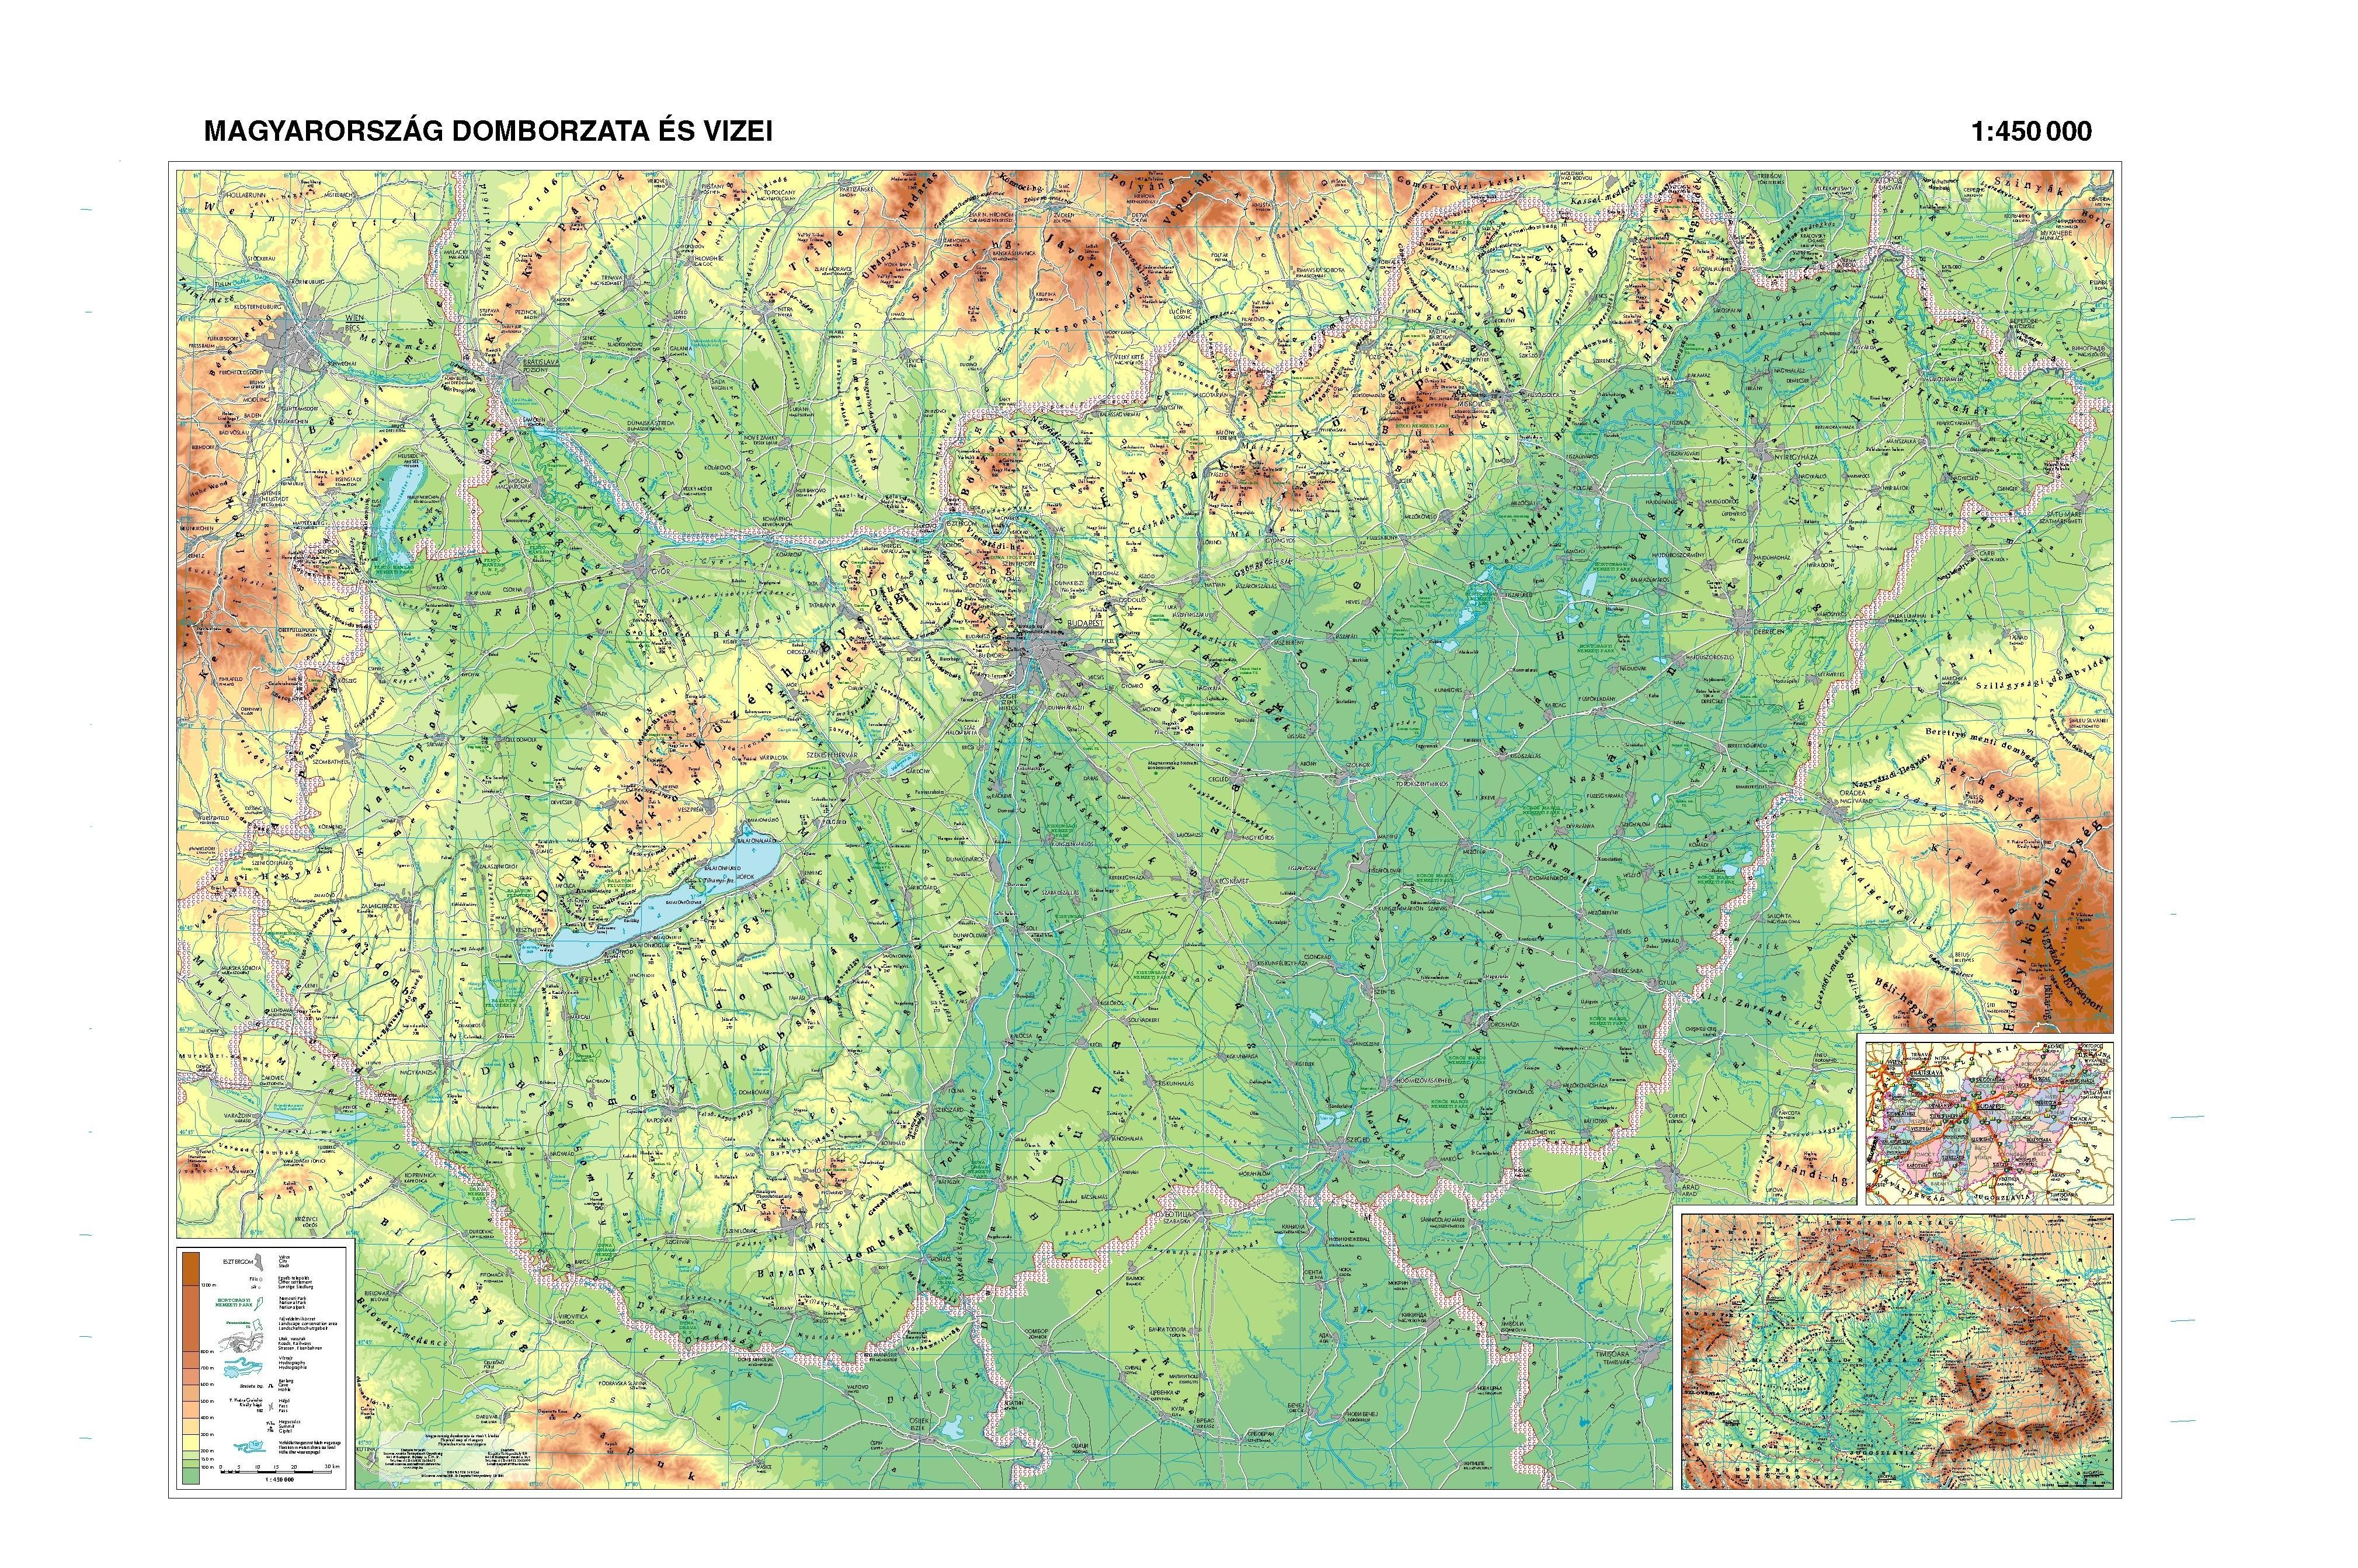 magassági térkép magyarország http://.hibernia.hu/falit/mo_domb. | Környezetismeret  magassági térkép magyarország